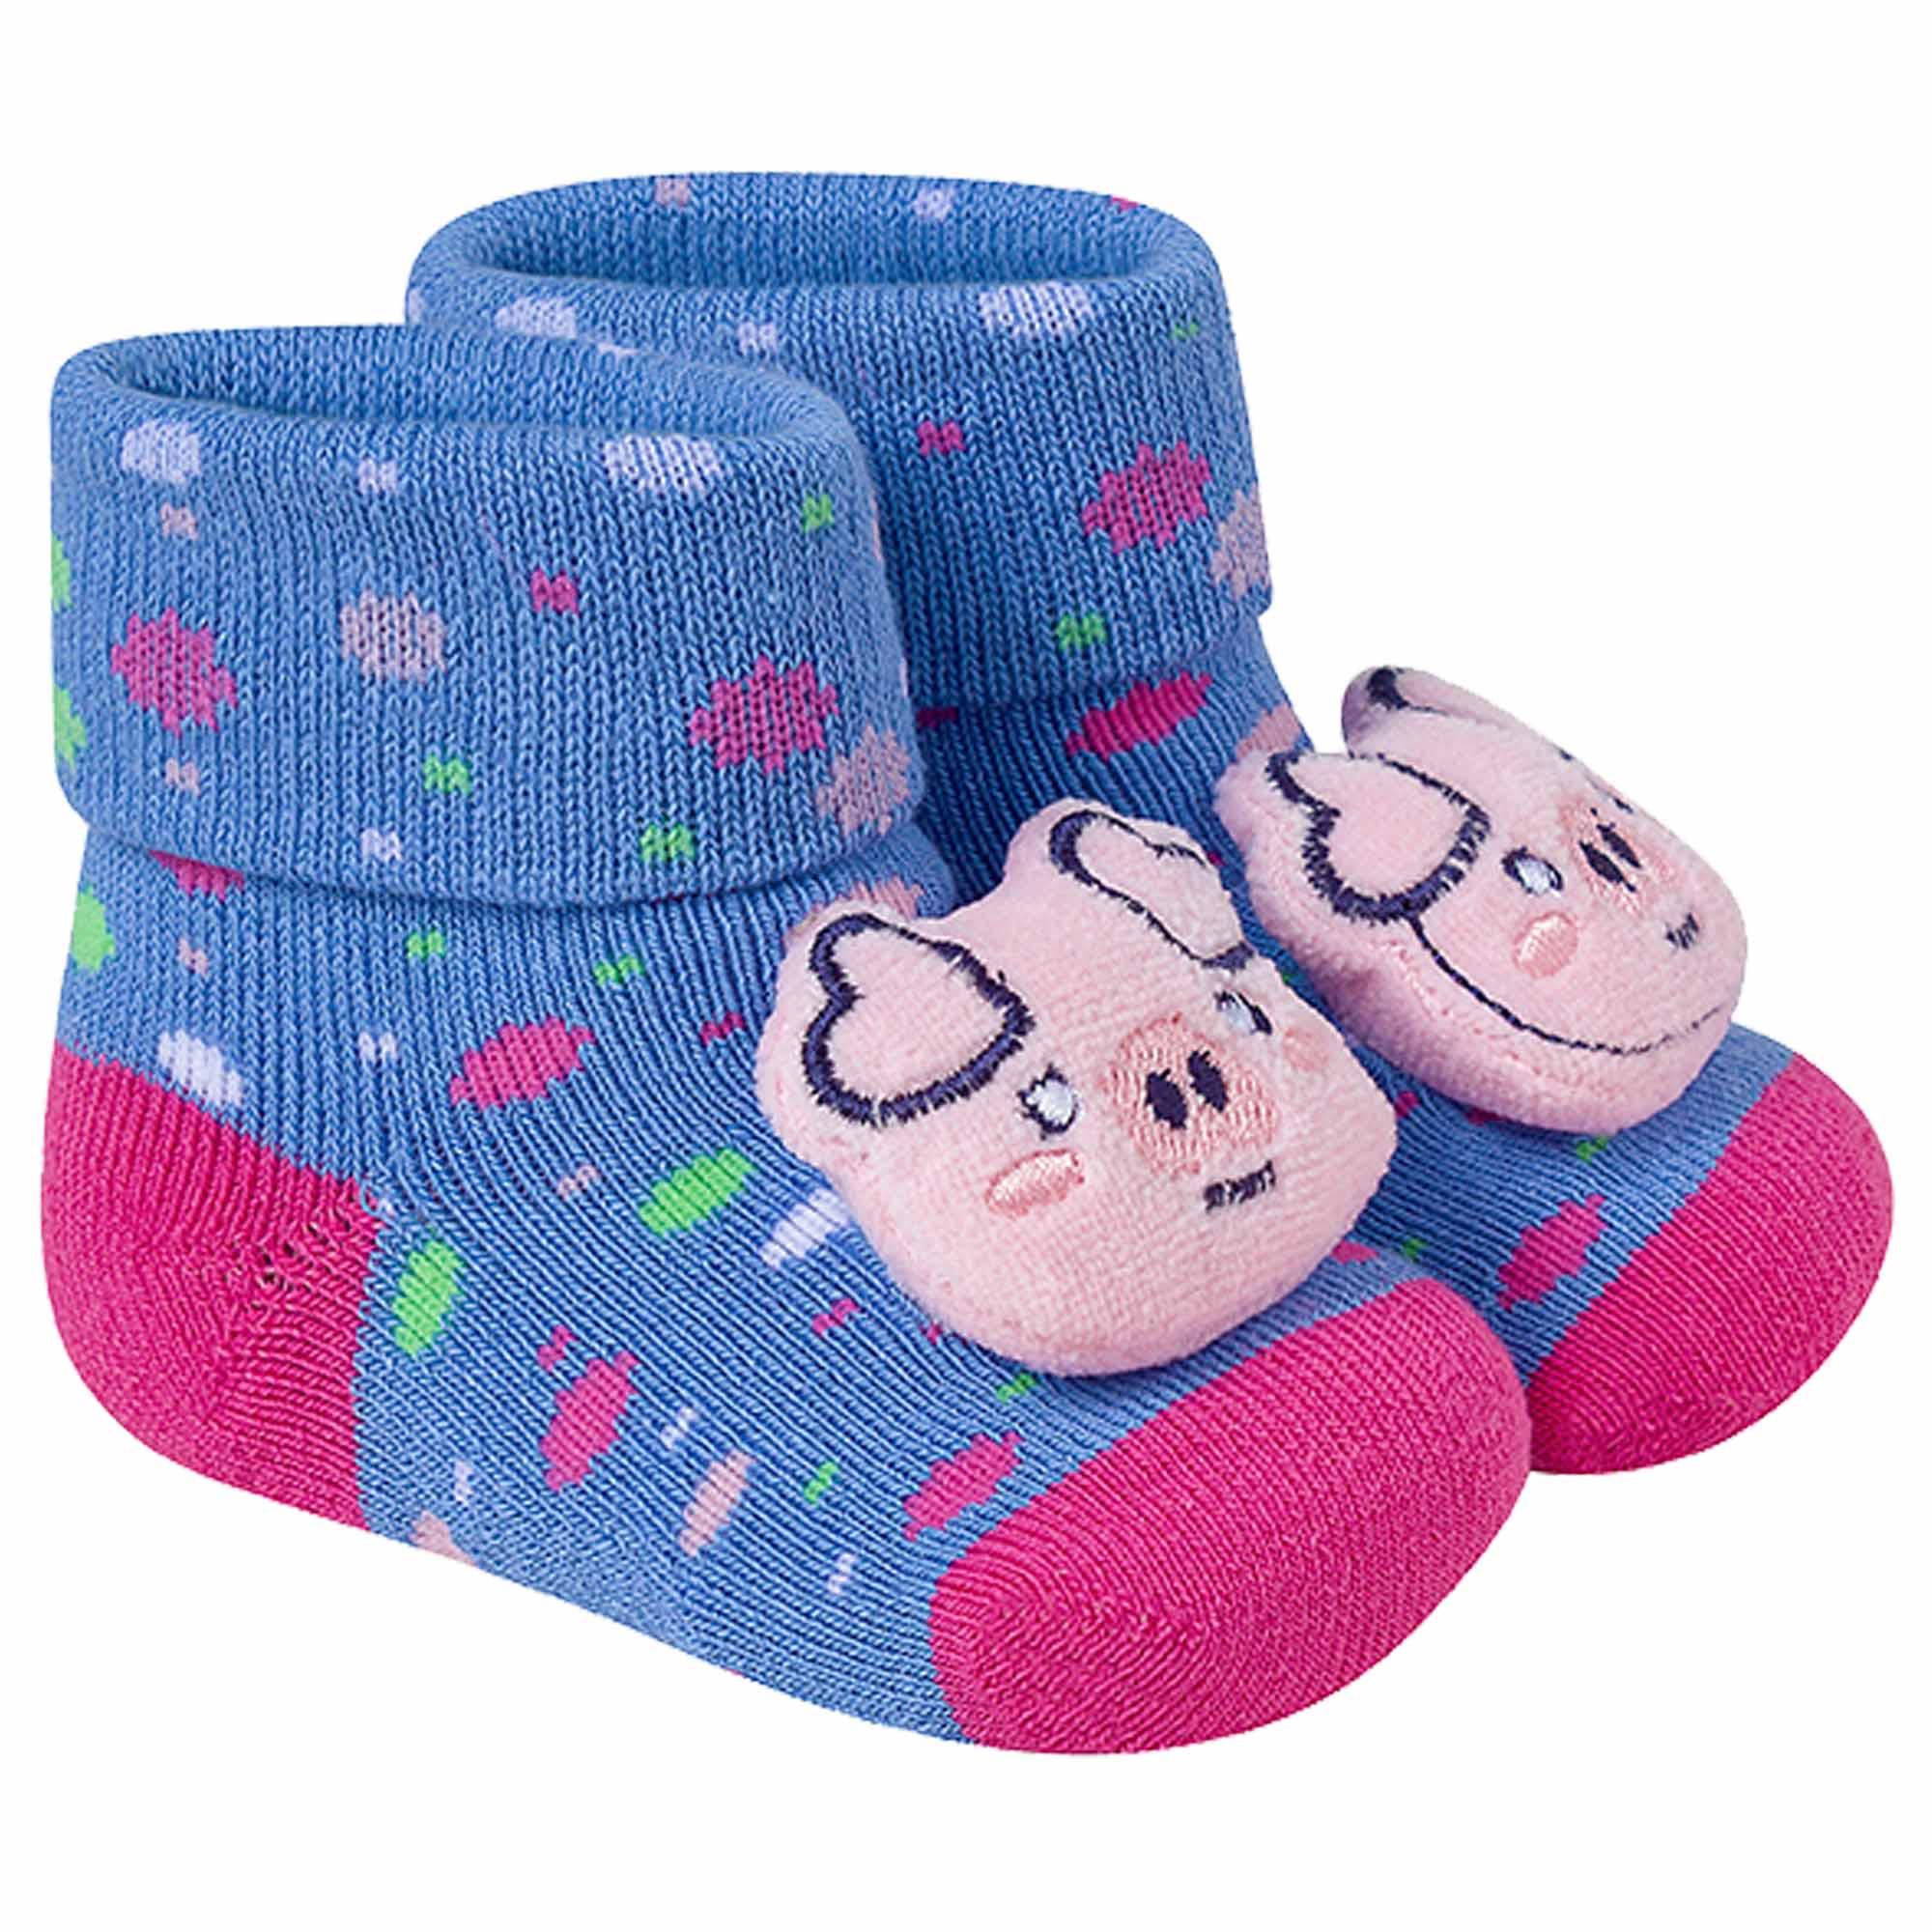 Meia Winston Fun Socks Baby Com Aplique - 16 a 19